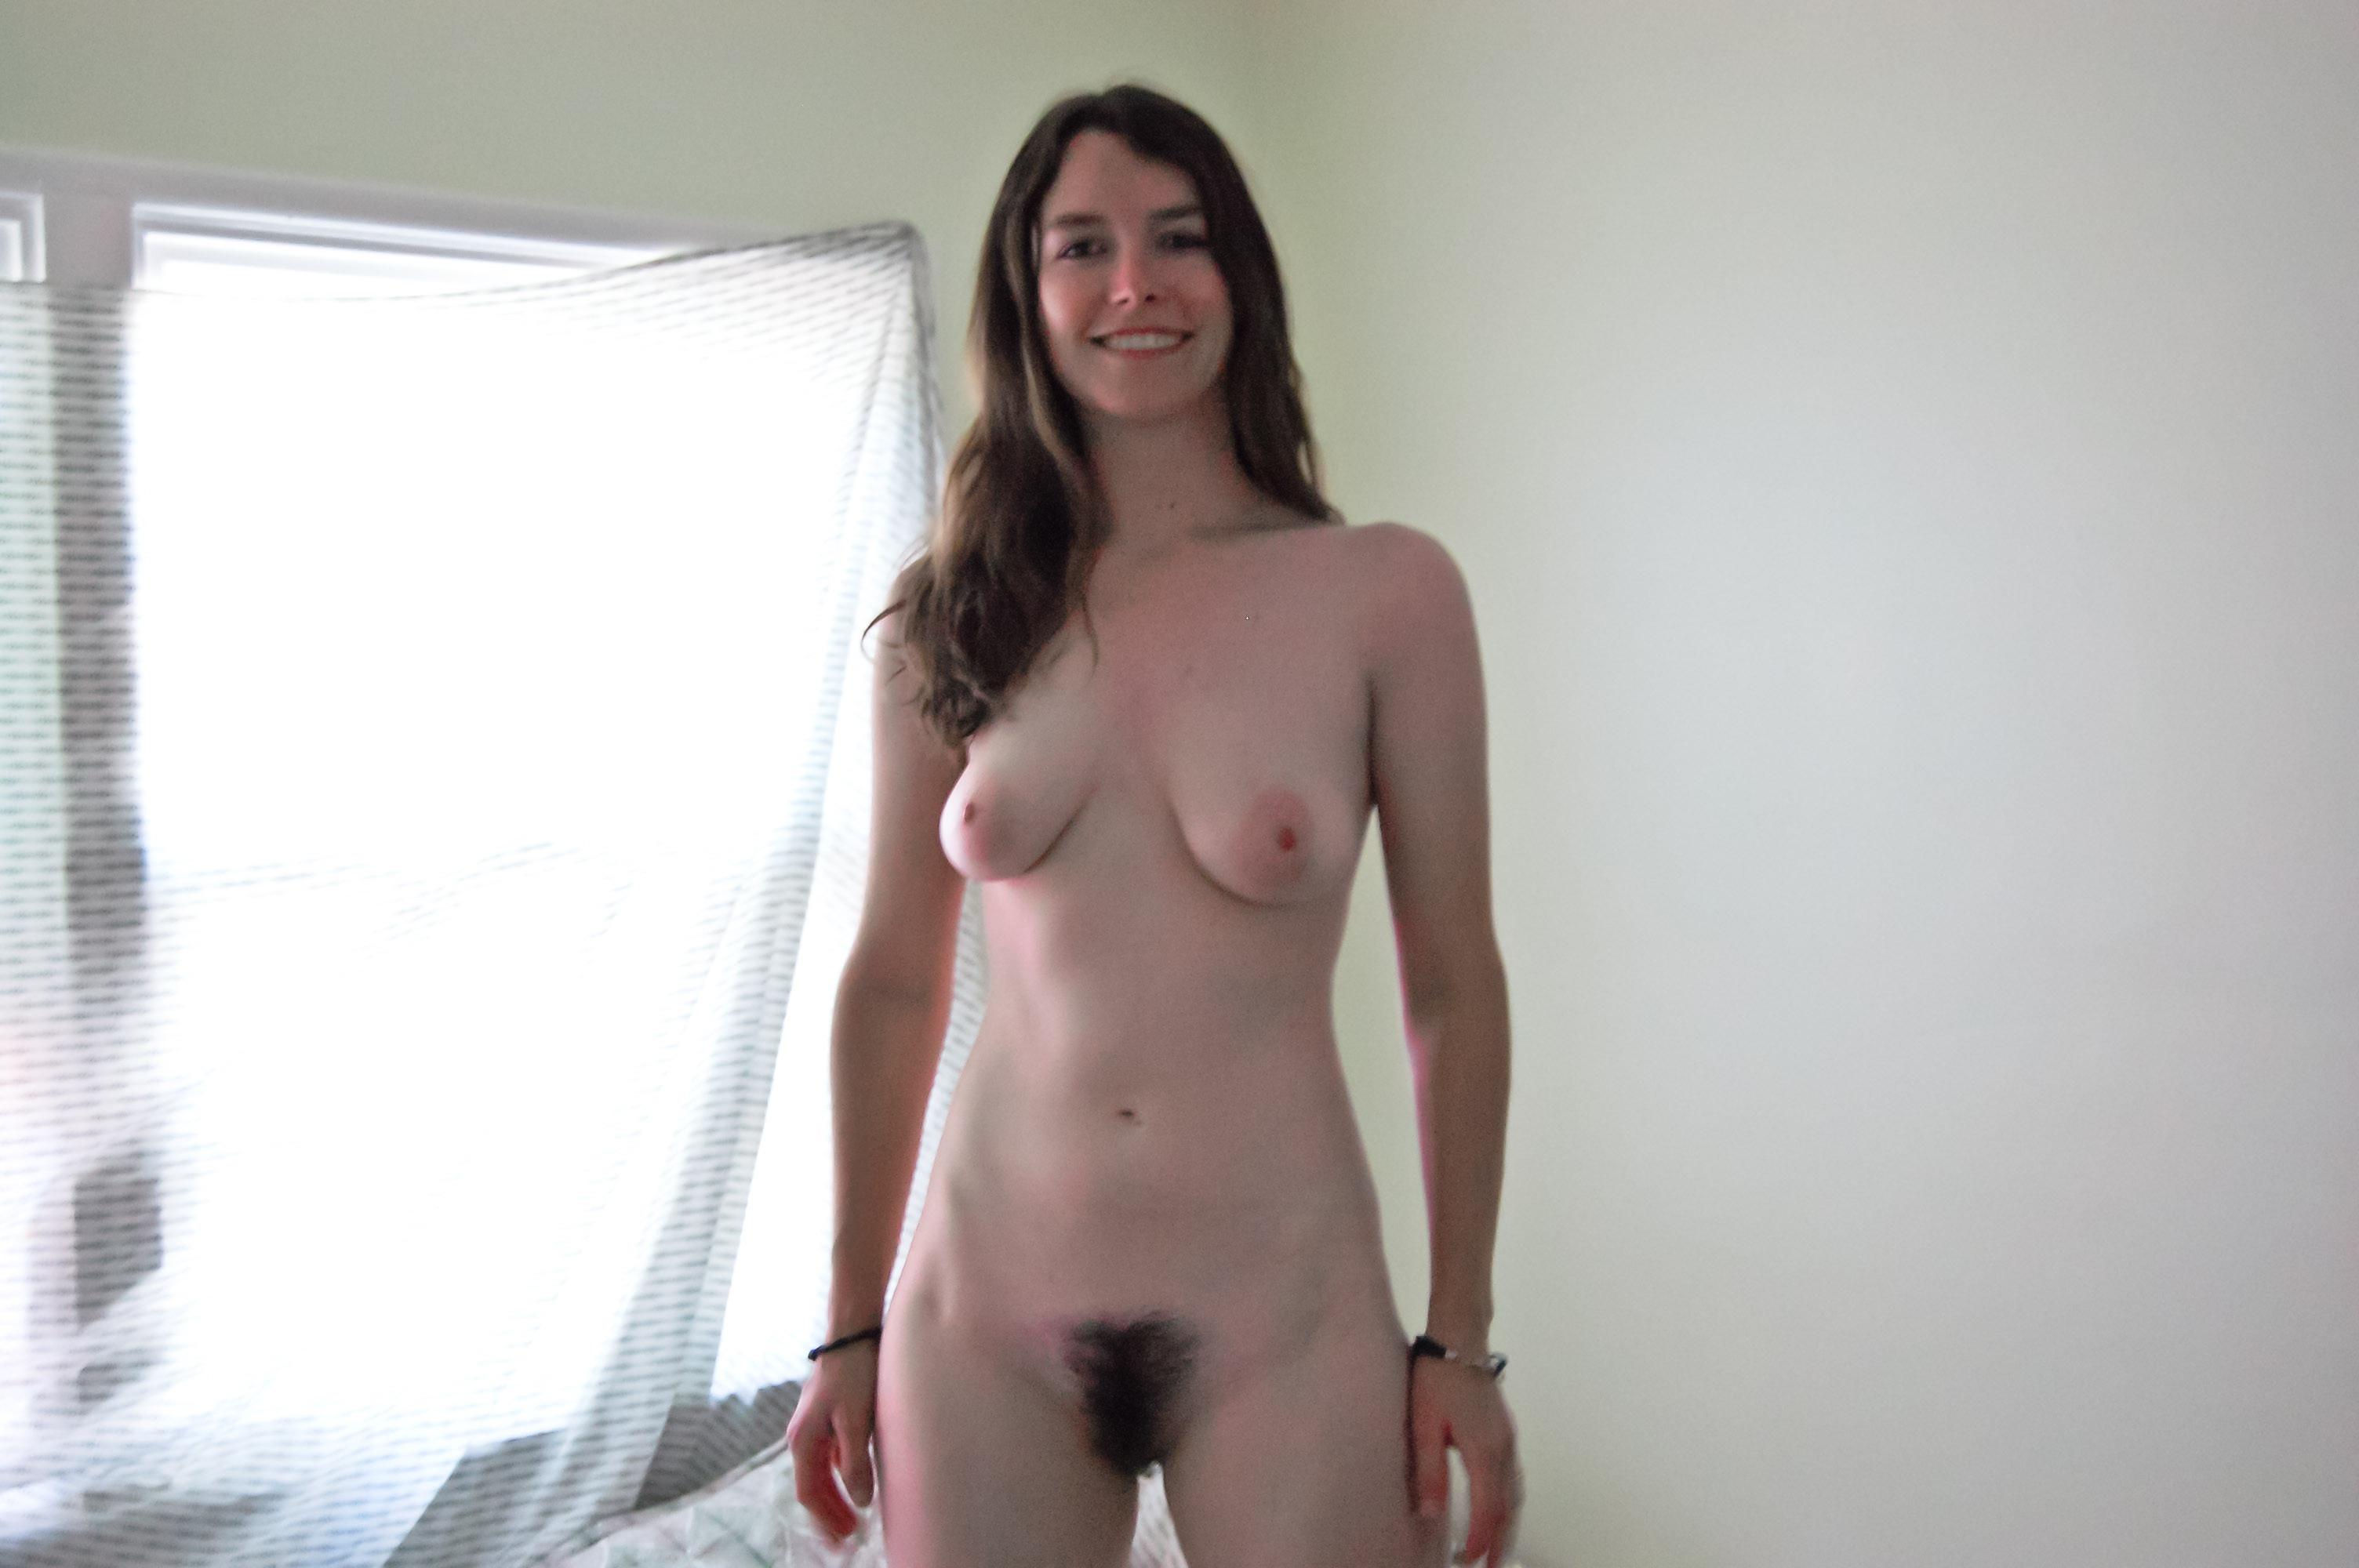 amazing big tit petite solo masturbation amateur big boobs masturbation orgasm voyeur Amateur, Bitch, Brunette, Bush, Caption, Cougar, Cunt, Fucked, Fuckmeat, Gangbang, Hairy, Horny, Hot, Mature, Milf, Mom, Slut, Used, Wife